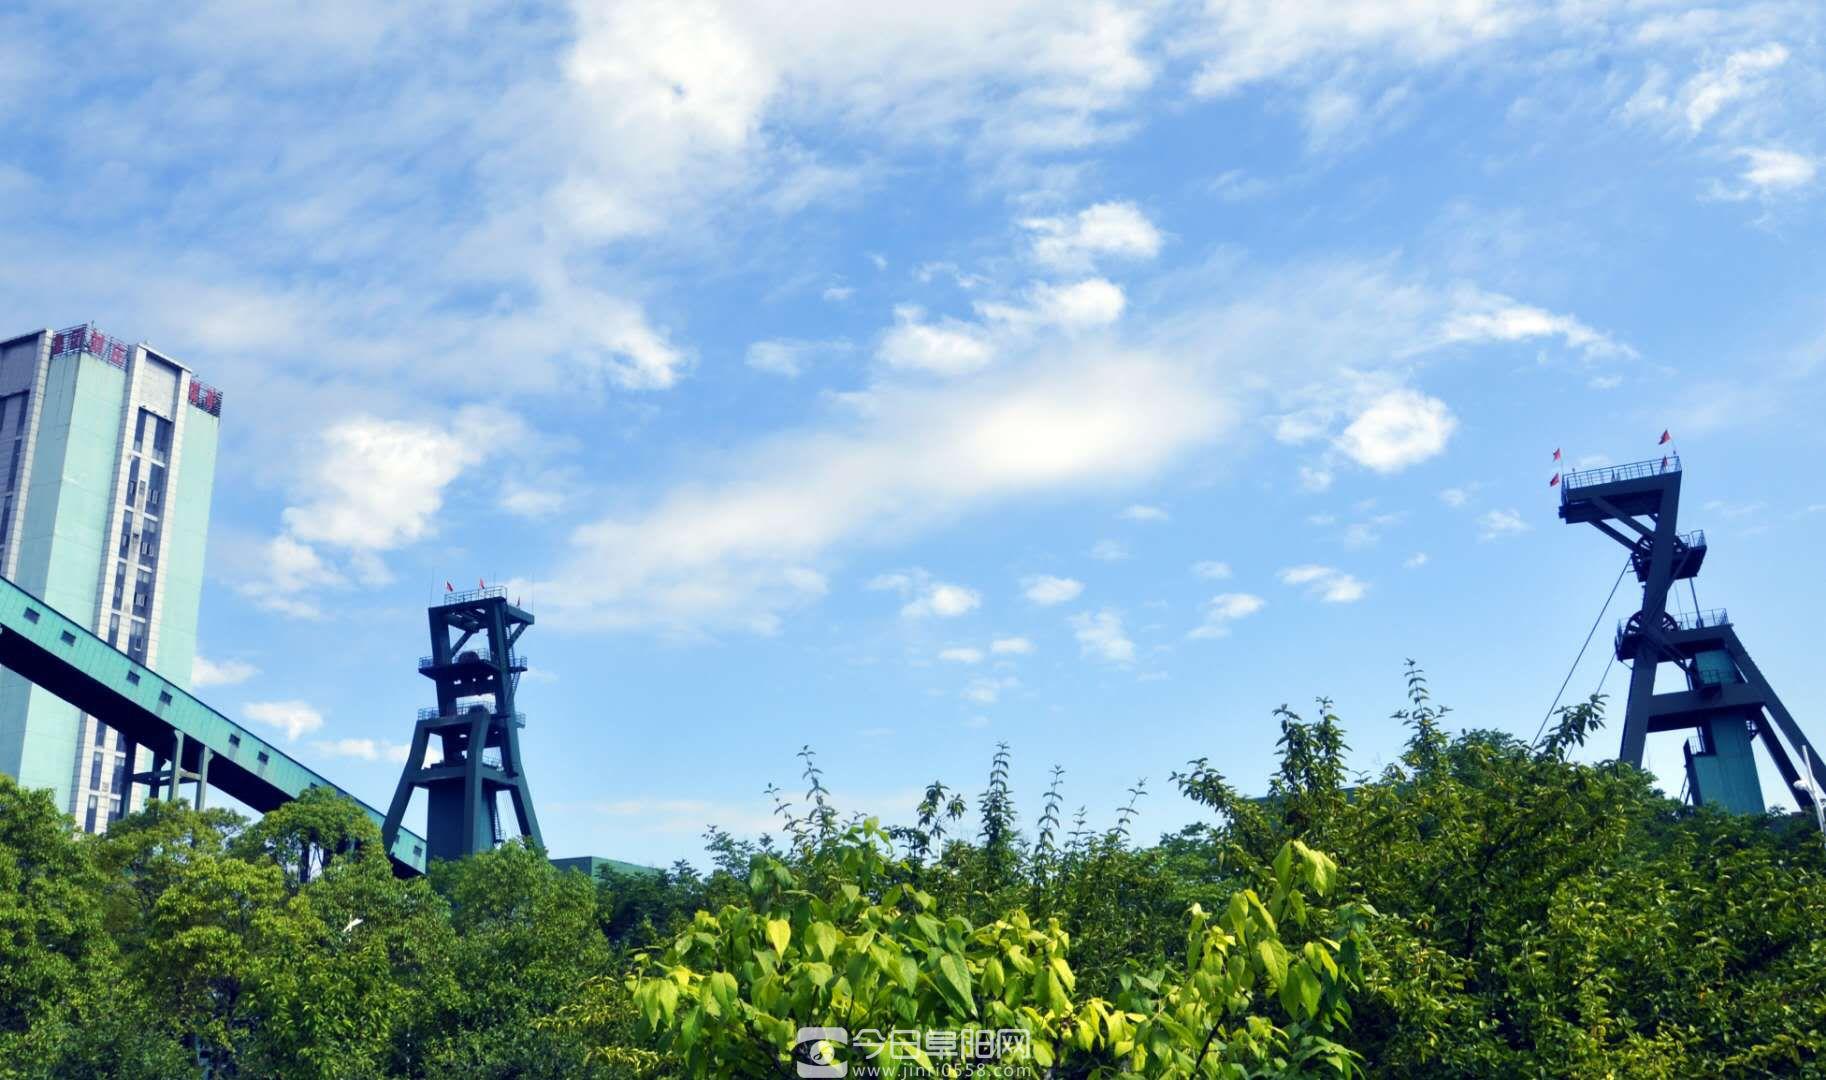 刘庄煤矿:走绿色发展之路 绘美丽生态画卷